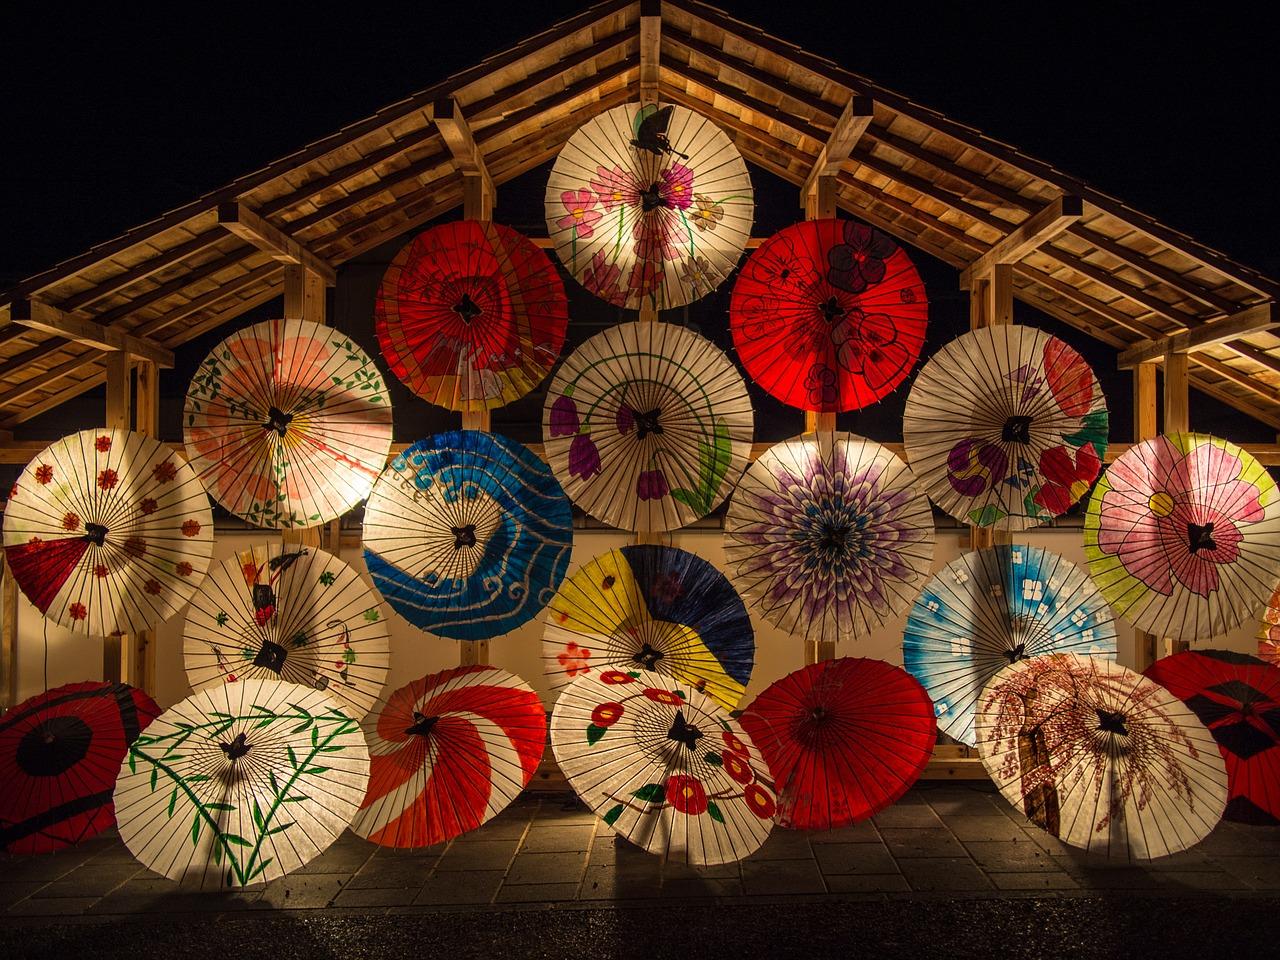 【京都・庵町家ステイと鱧(はも)料理】その①京都の町家「美濃屋町町家」をまるごと貸切。京の雅に触れることができました。